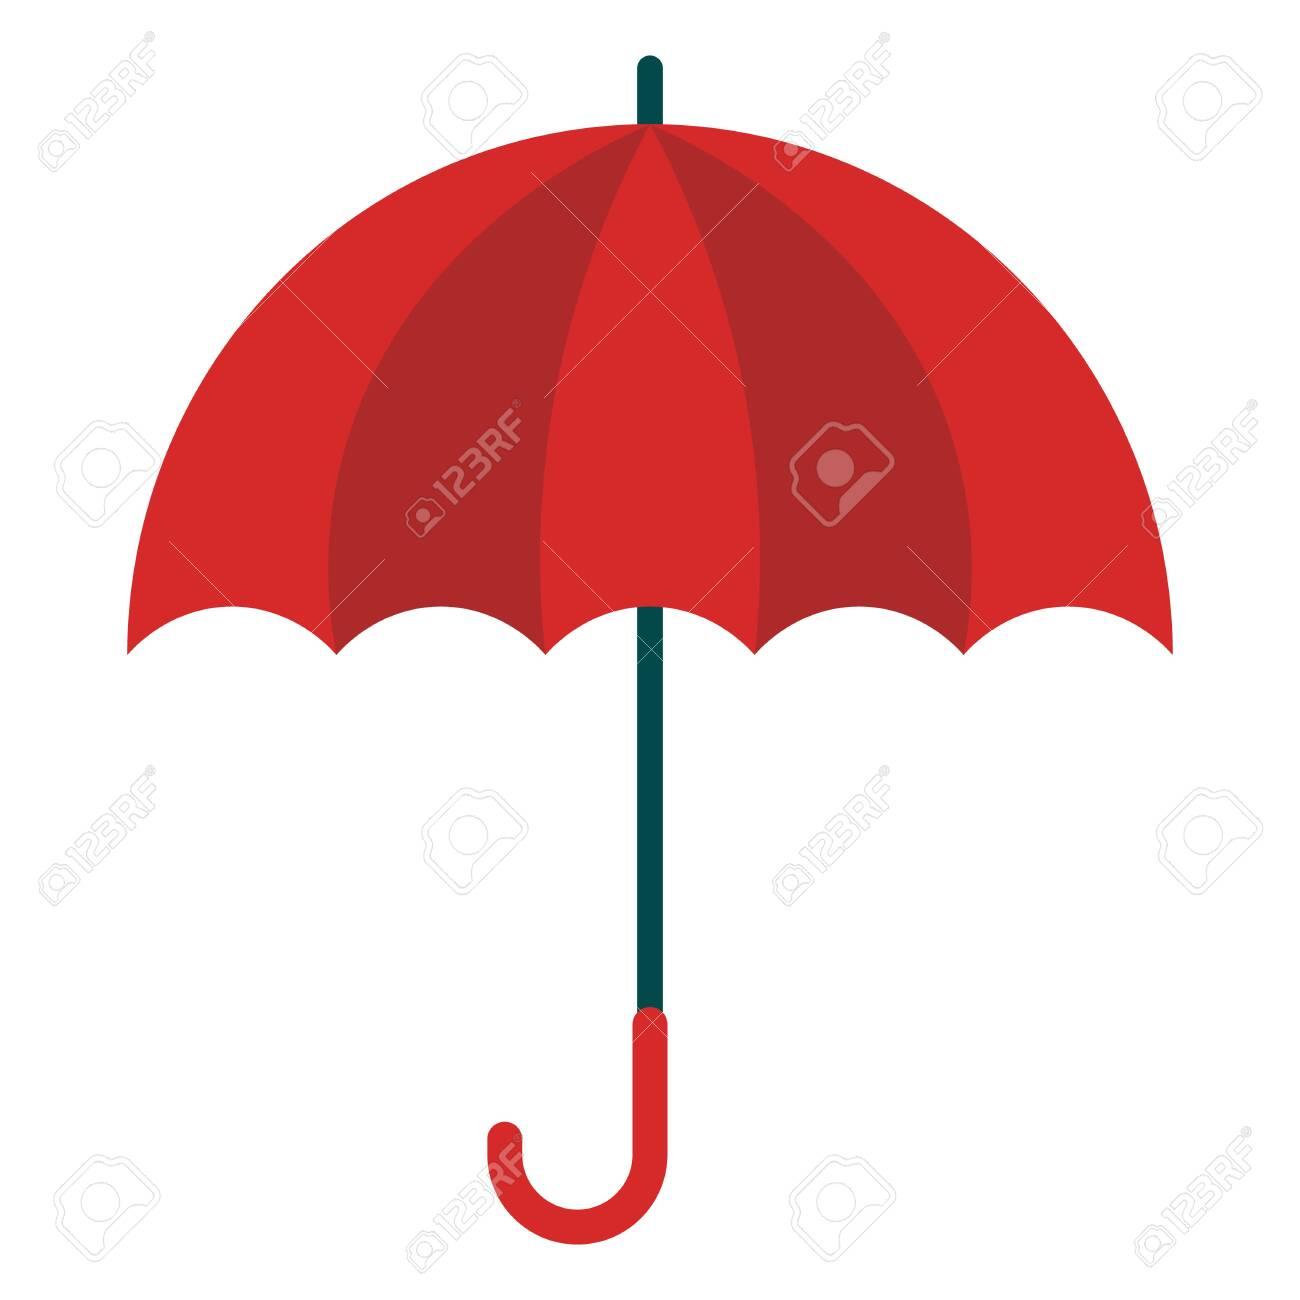 Umbrella icon - 127824666